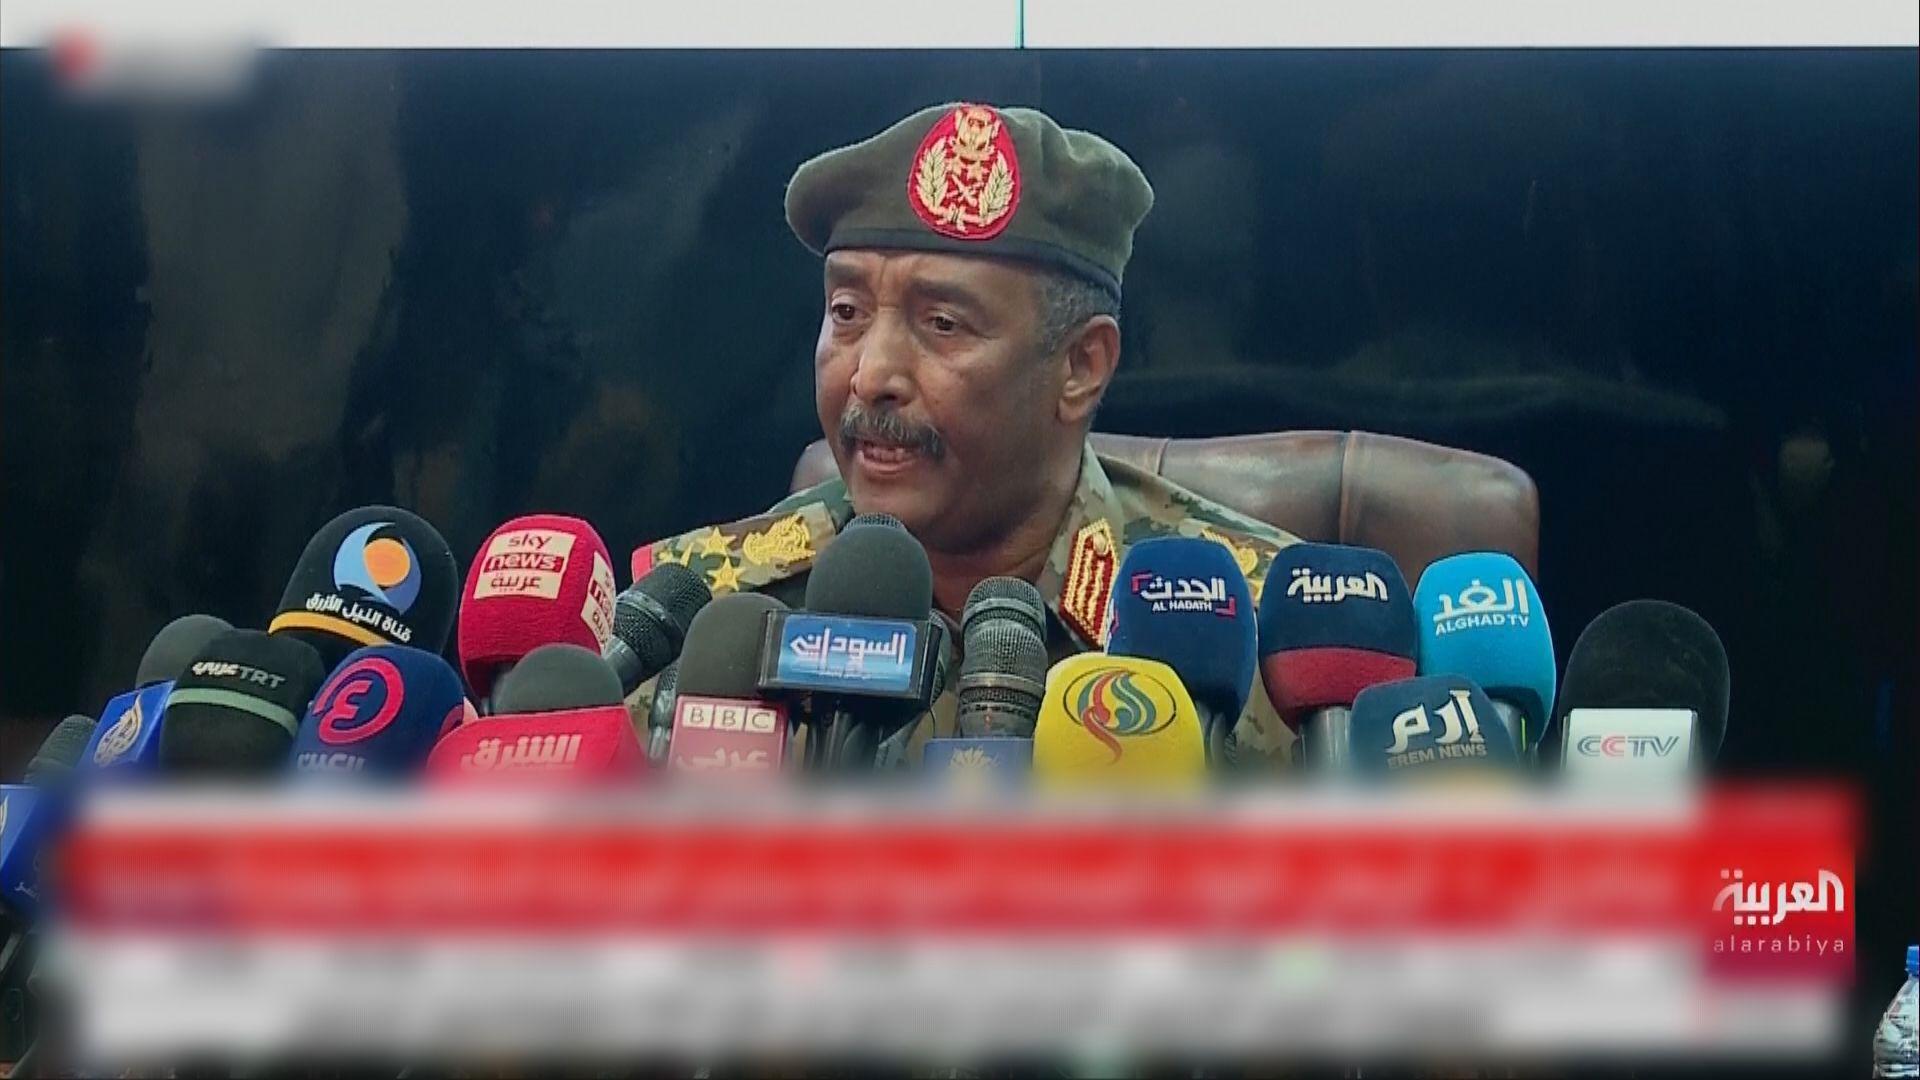 蘇丹軍方指解散過渡政府是為了避免內戰